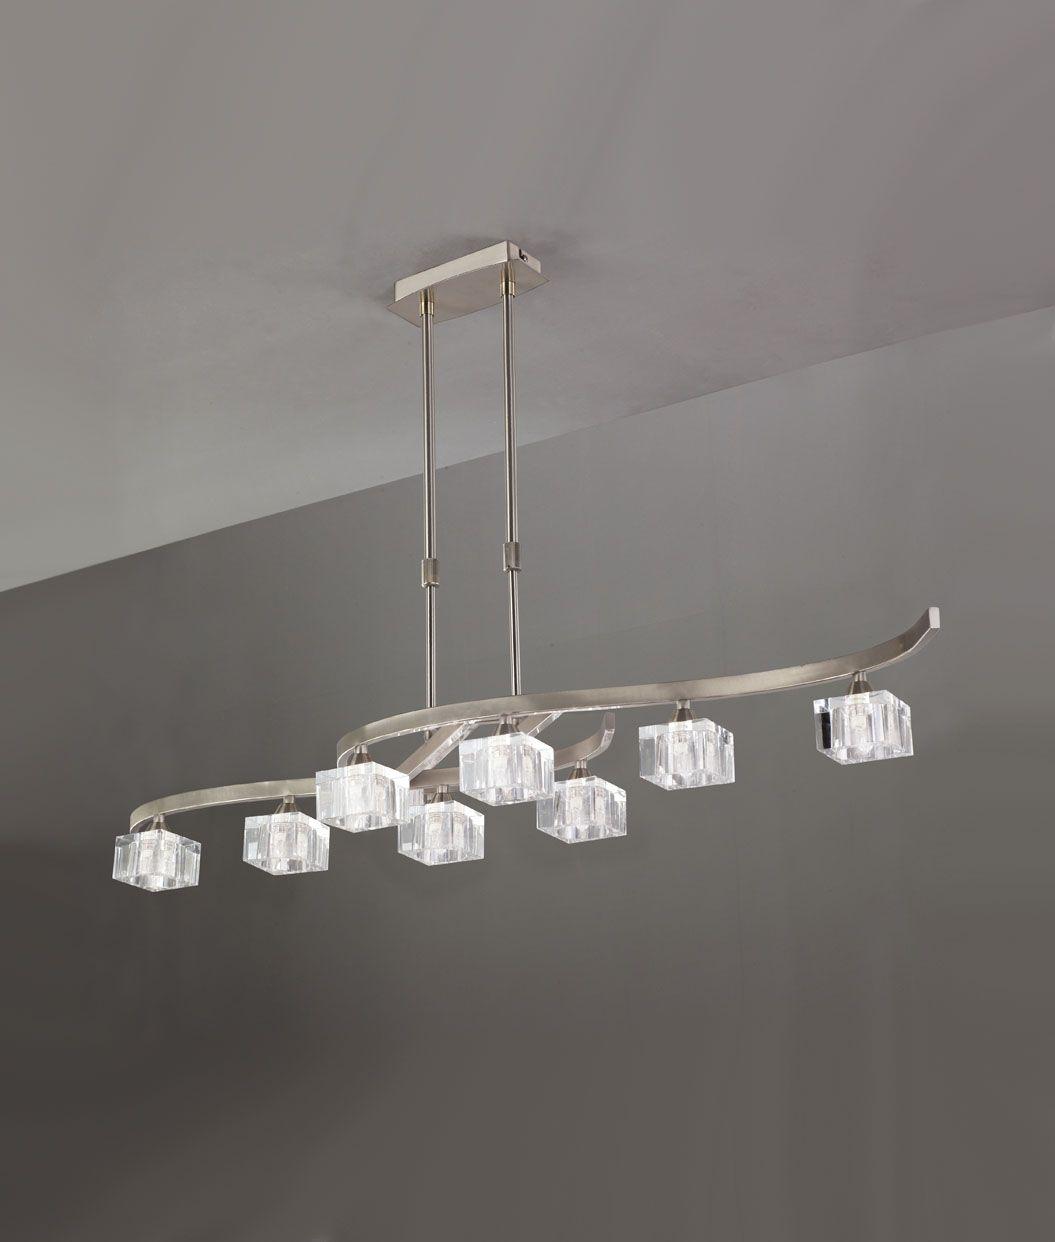 Lámpara grande níquel cristal CUADRAX 8 luces